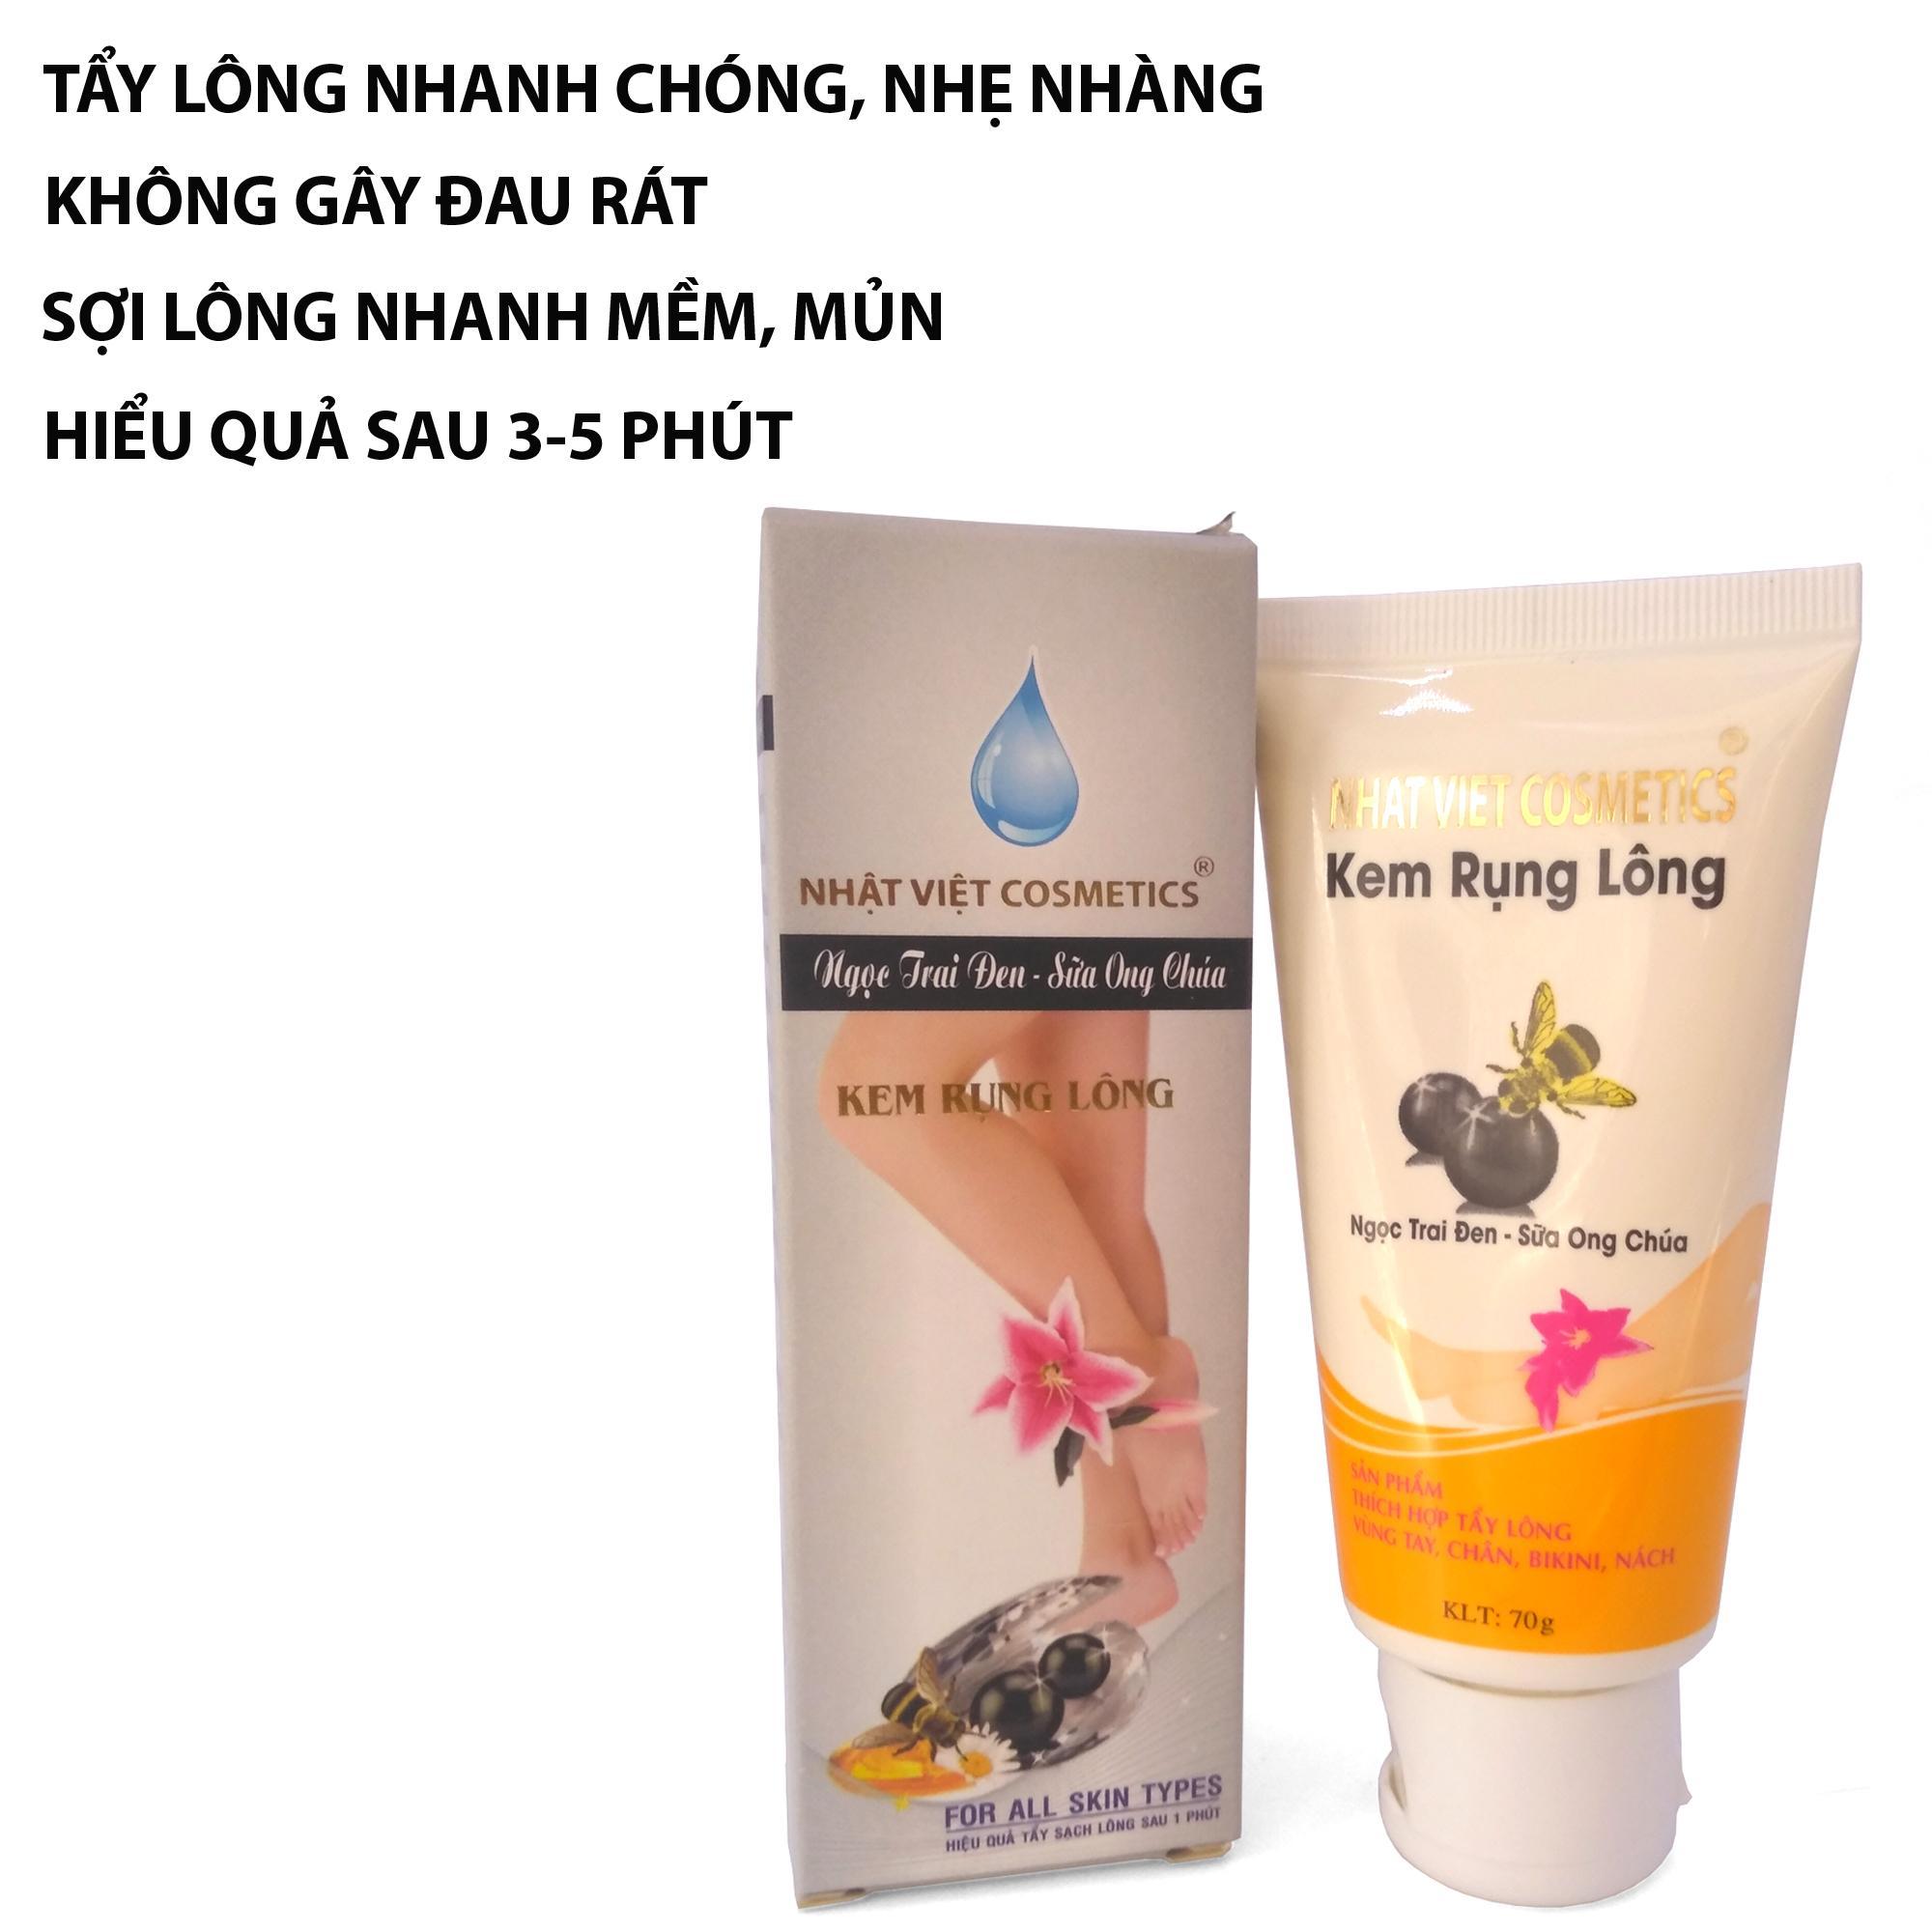 Kem rụng lông Ngọc trai đen - Sữa ong chúa Nhật Việt 70ml (Xám) nhập khẩu